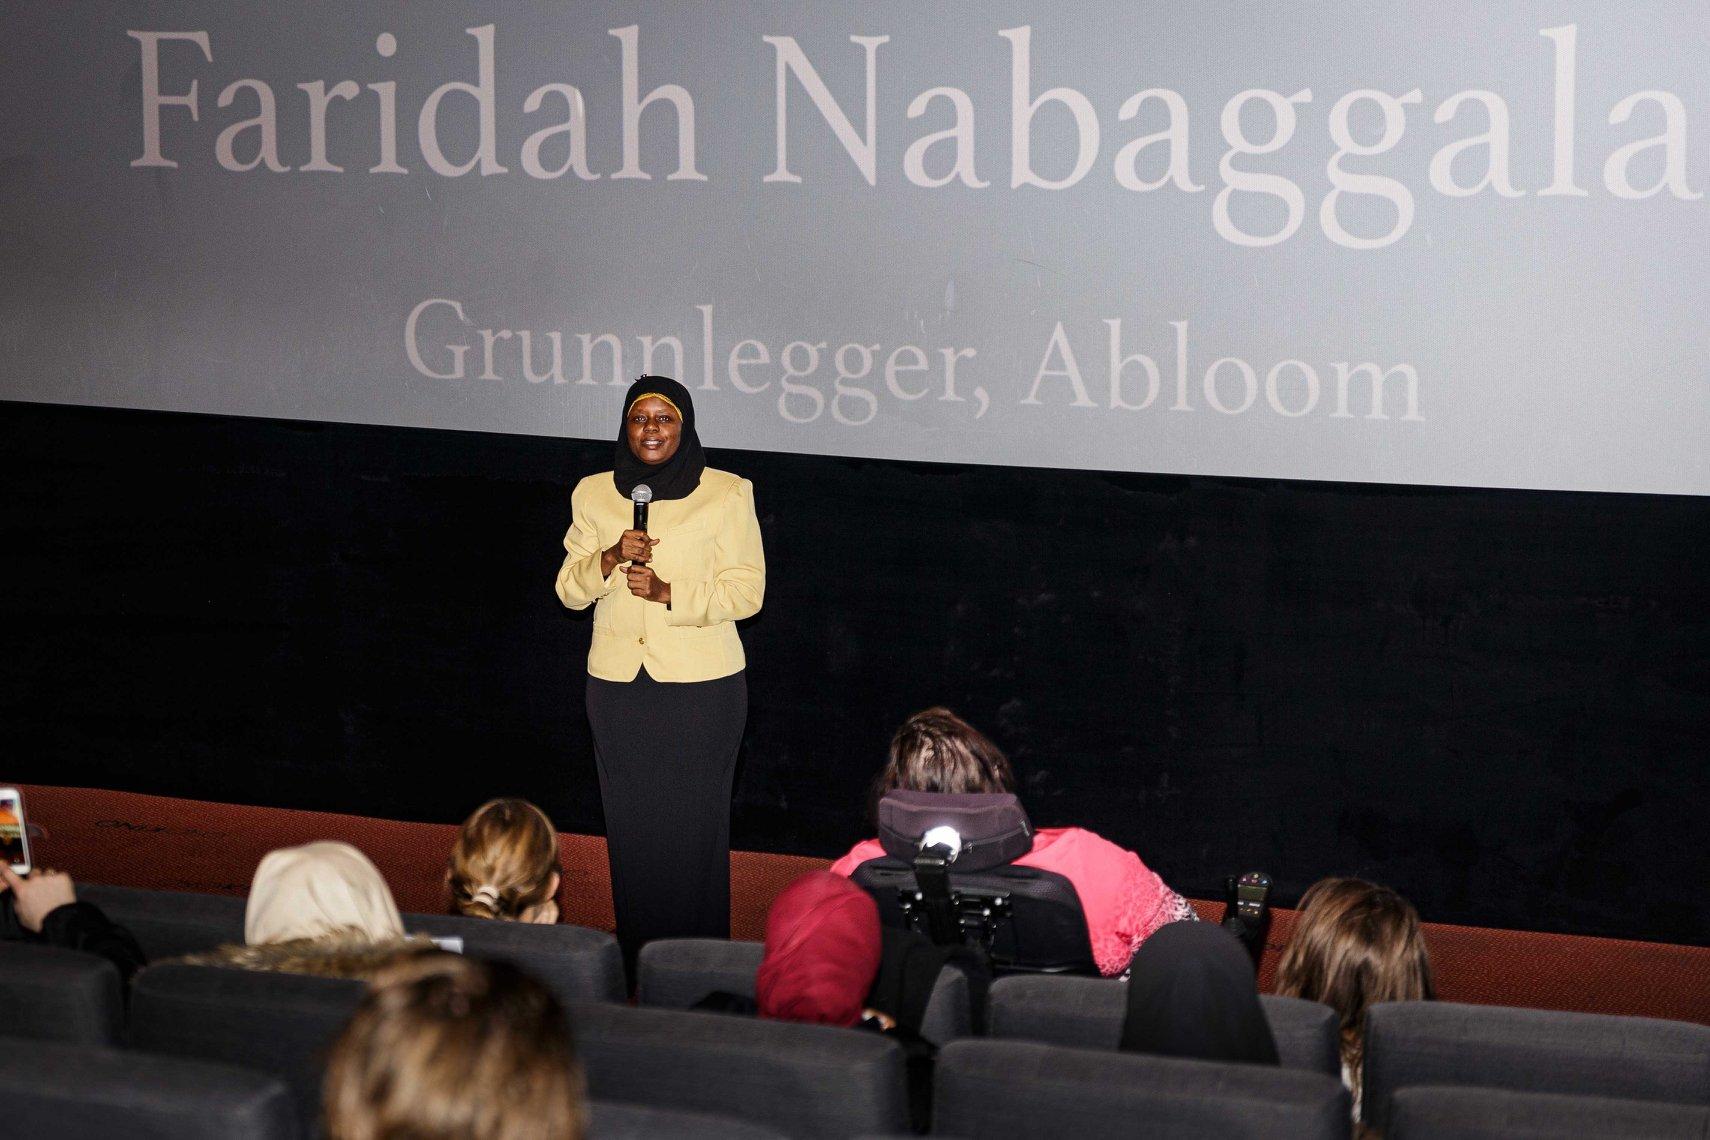 Festivaldirektør Faridah Shakoor Nabaggala snakker under årets familiedag. Foto: Alf Andreas Grønli Simensen.